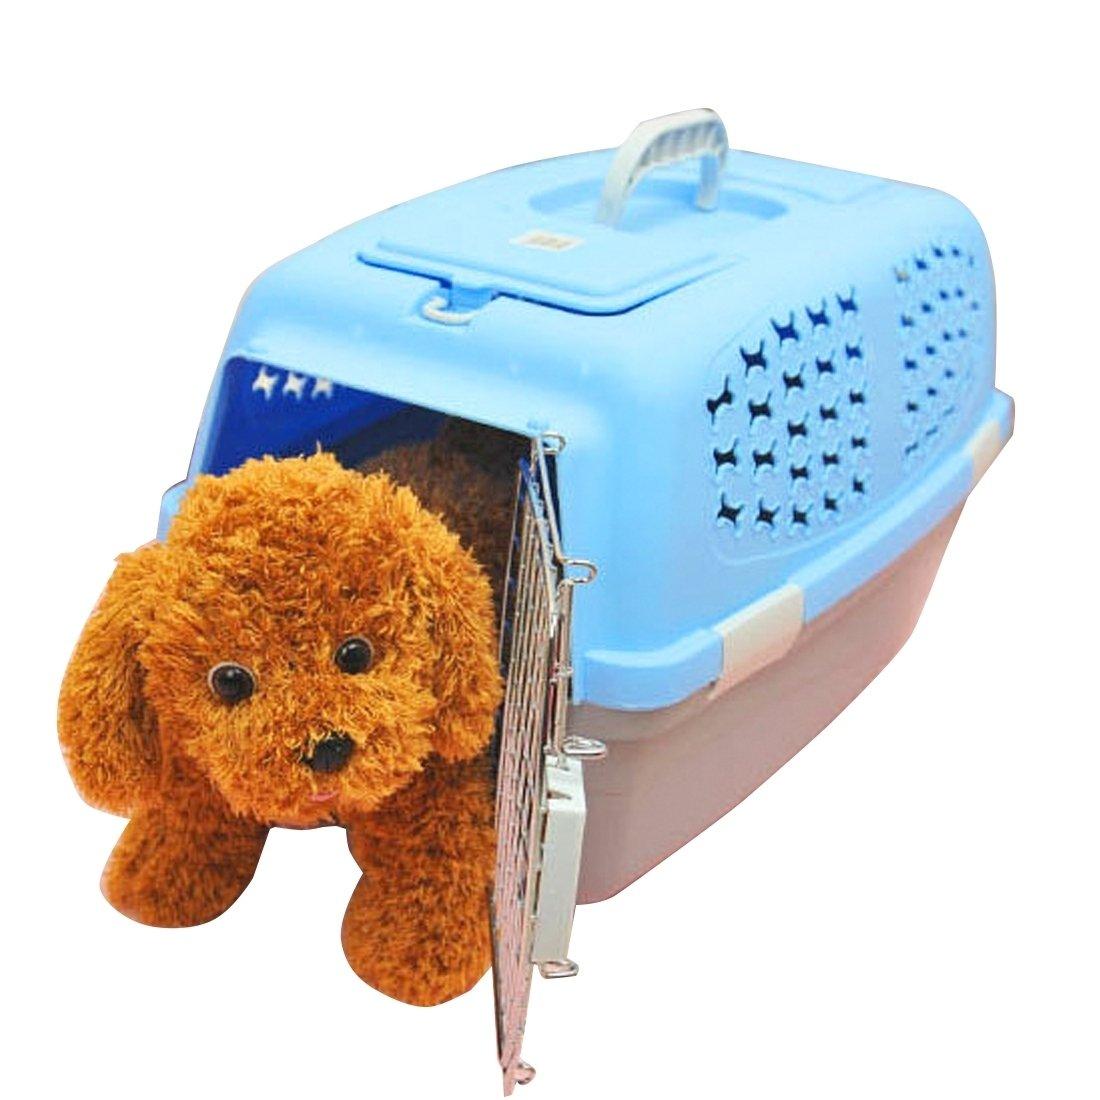 DuoShengZhTG Gatto Cane E Altri Animali Domestici. Pet ceramica Box Checked The Cases Out gabbie di trasporto di bagagli, parte superiore con laterali e fori di ventilazione grande blu